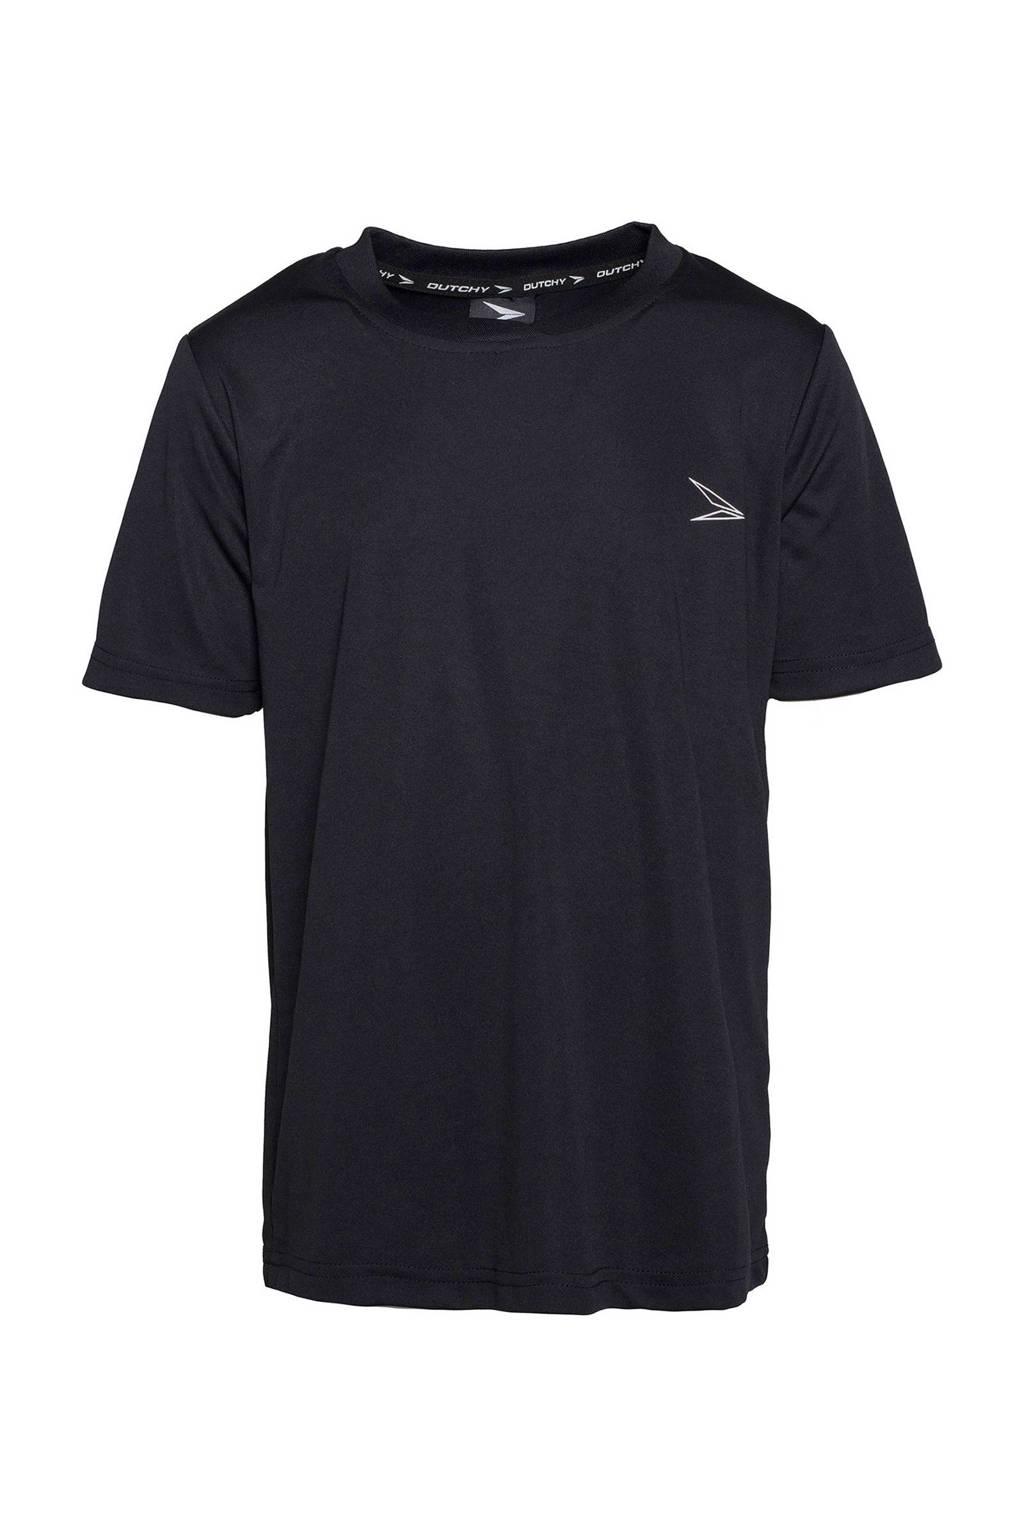 Scapino Dutchy   sport T-shirt, Zwart